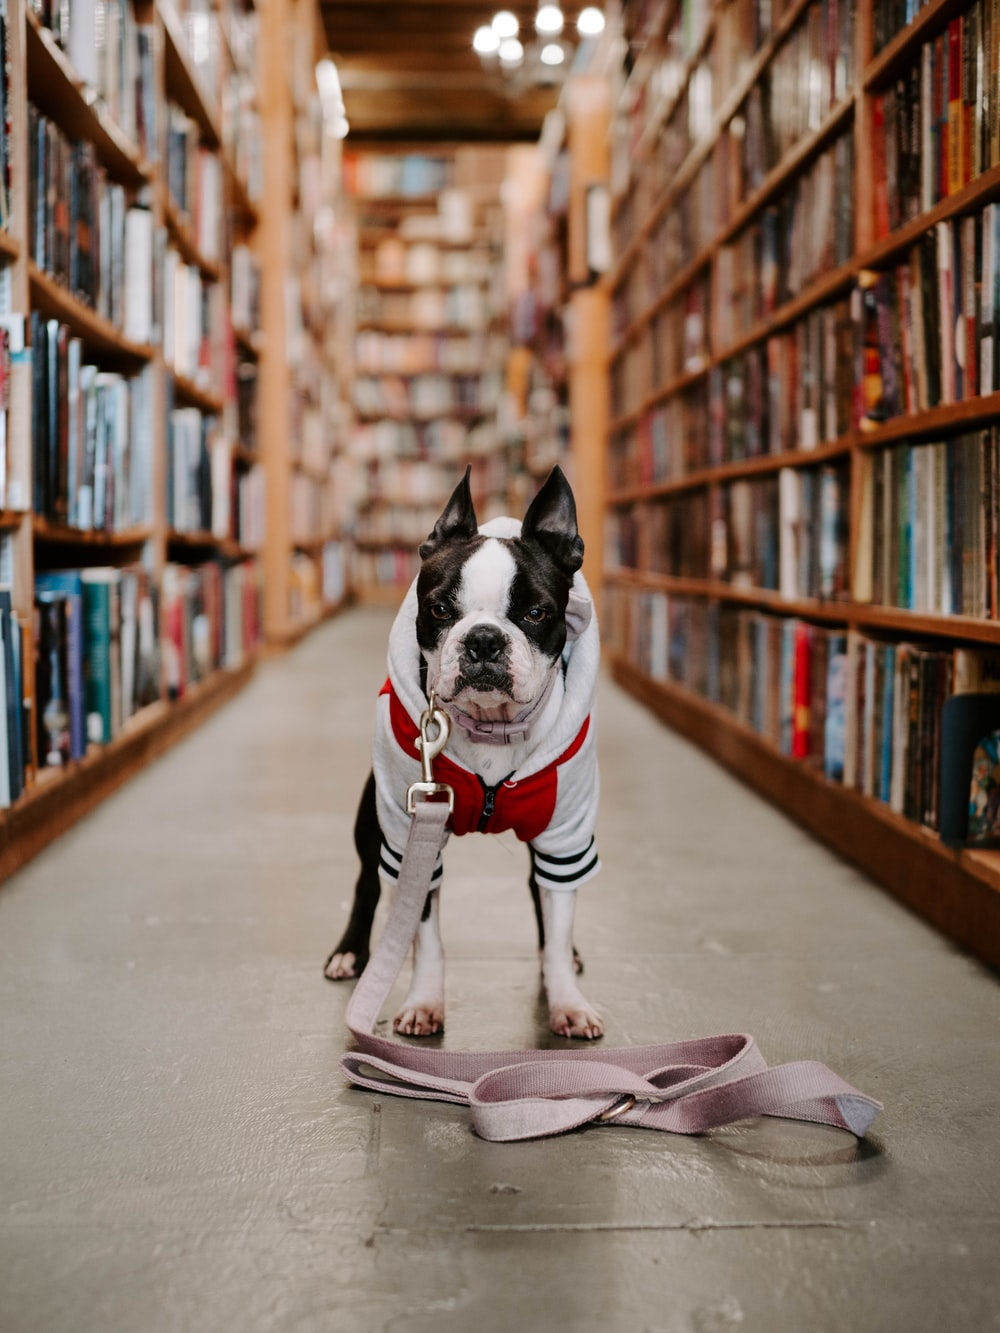 white dog standing between bookshelves